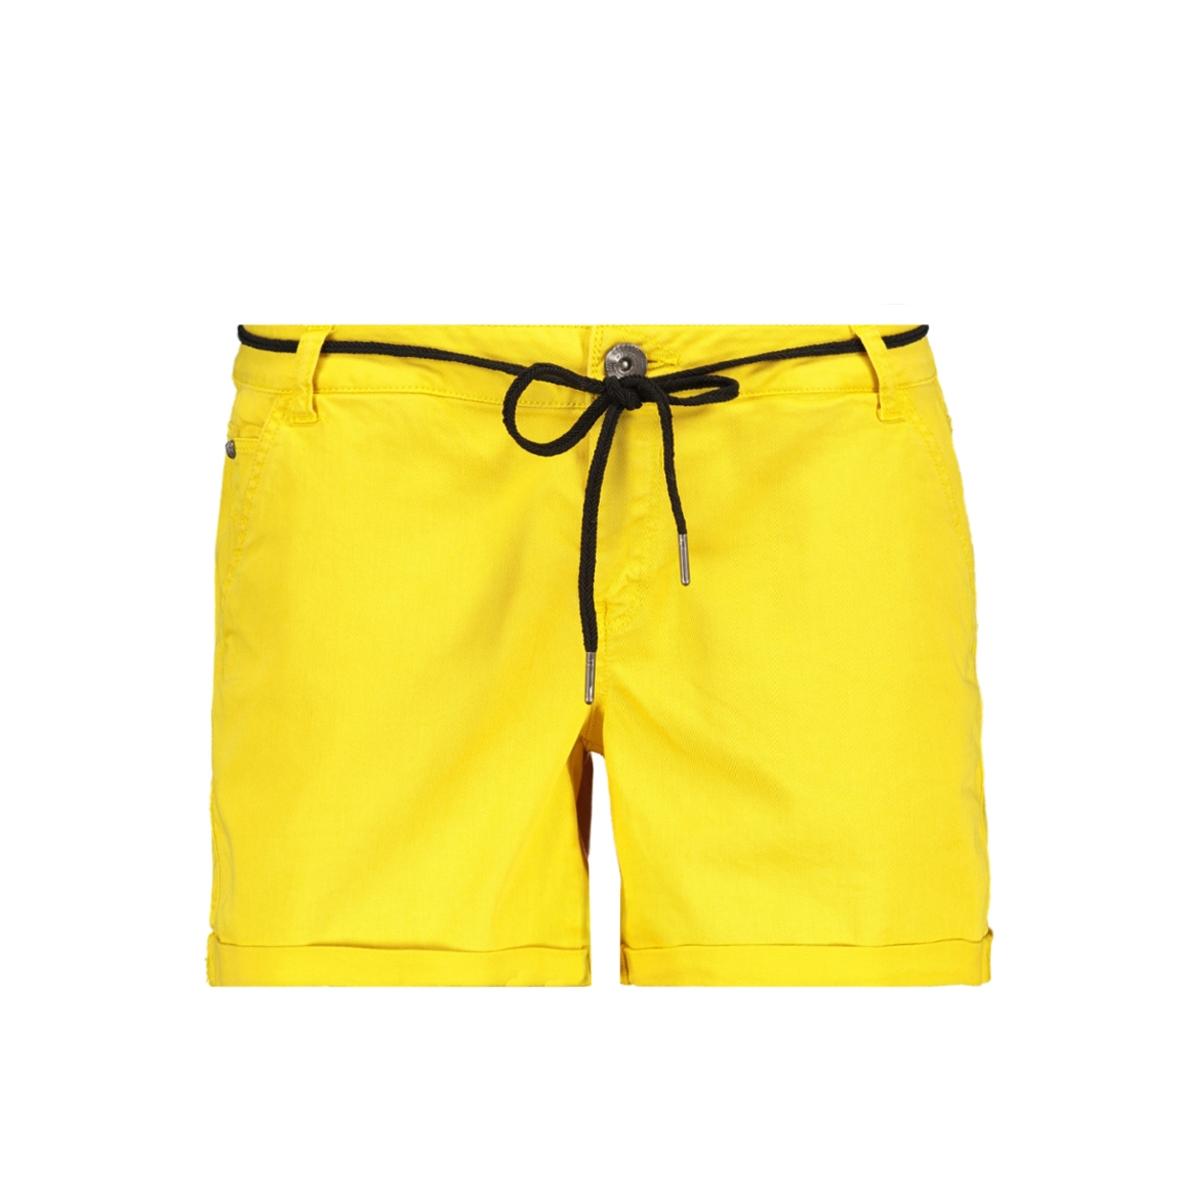 gele short  met koord ceintuur gs900112 garcia korte broek 3065 sulphur